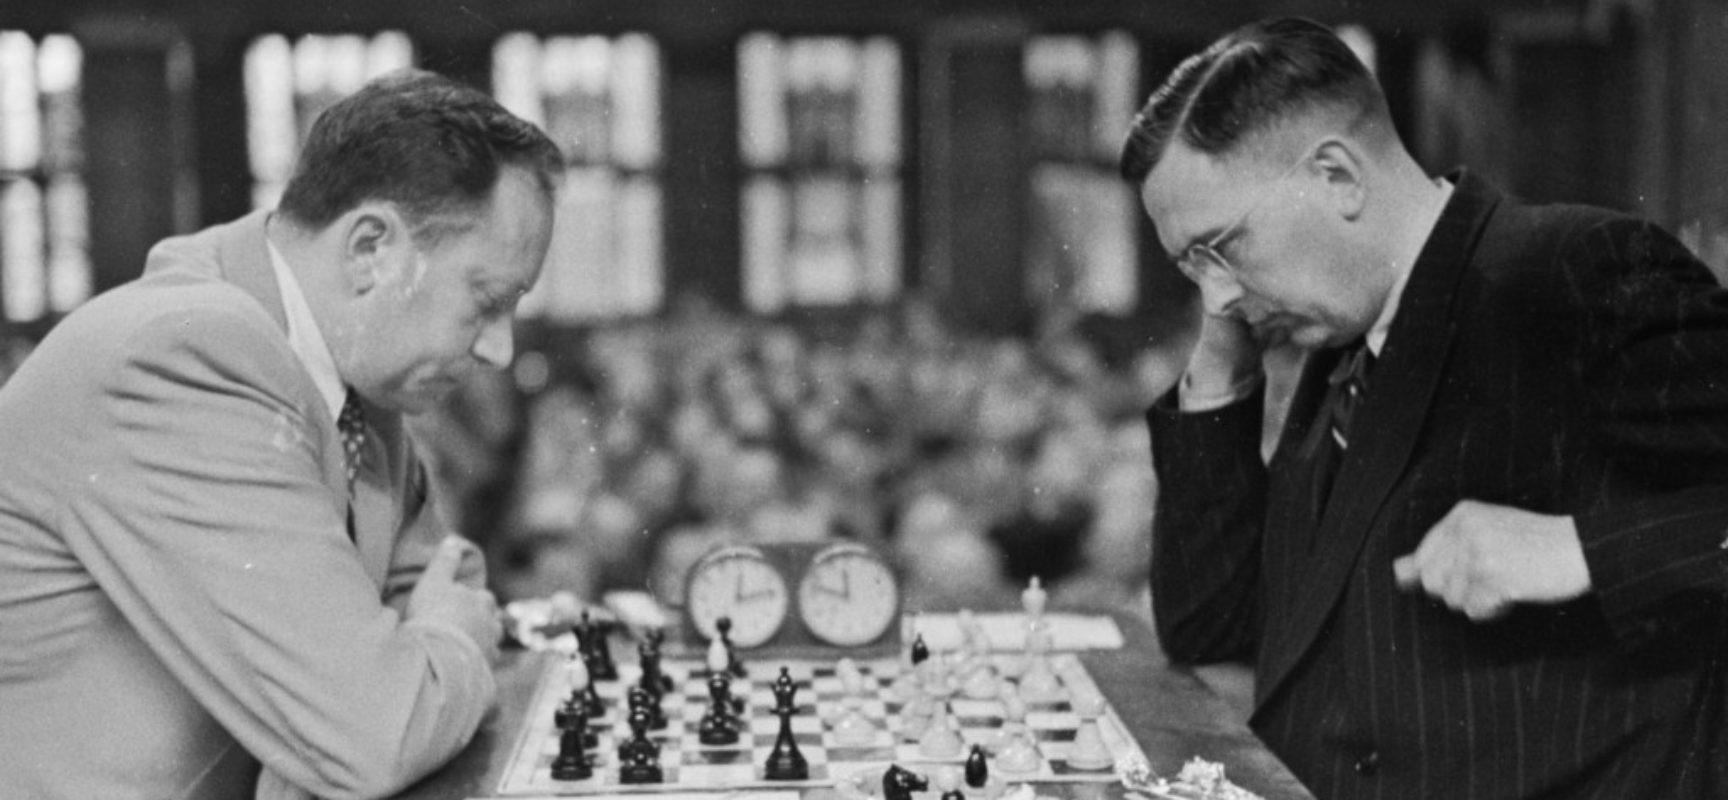 Max Euwe, el aficionado que llegó a campeón del mundo y derrotó al Tercer Reich